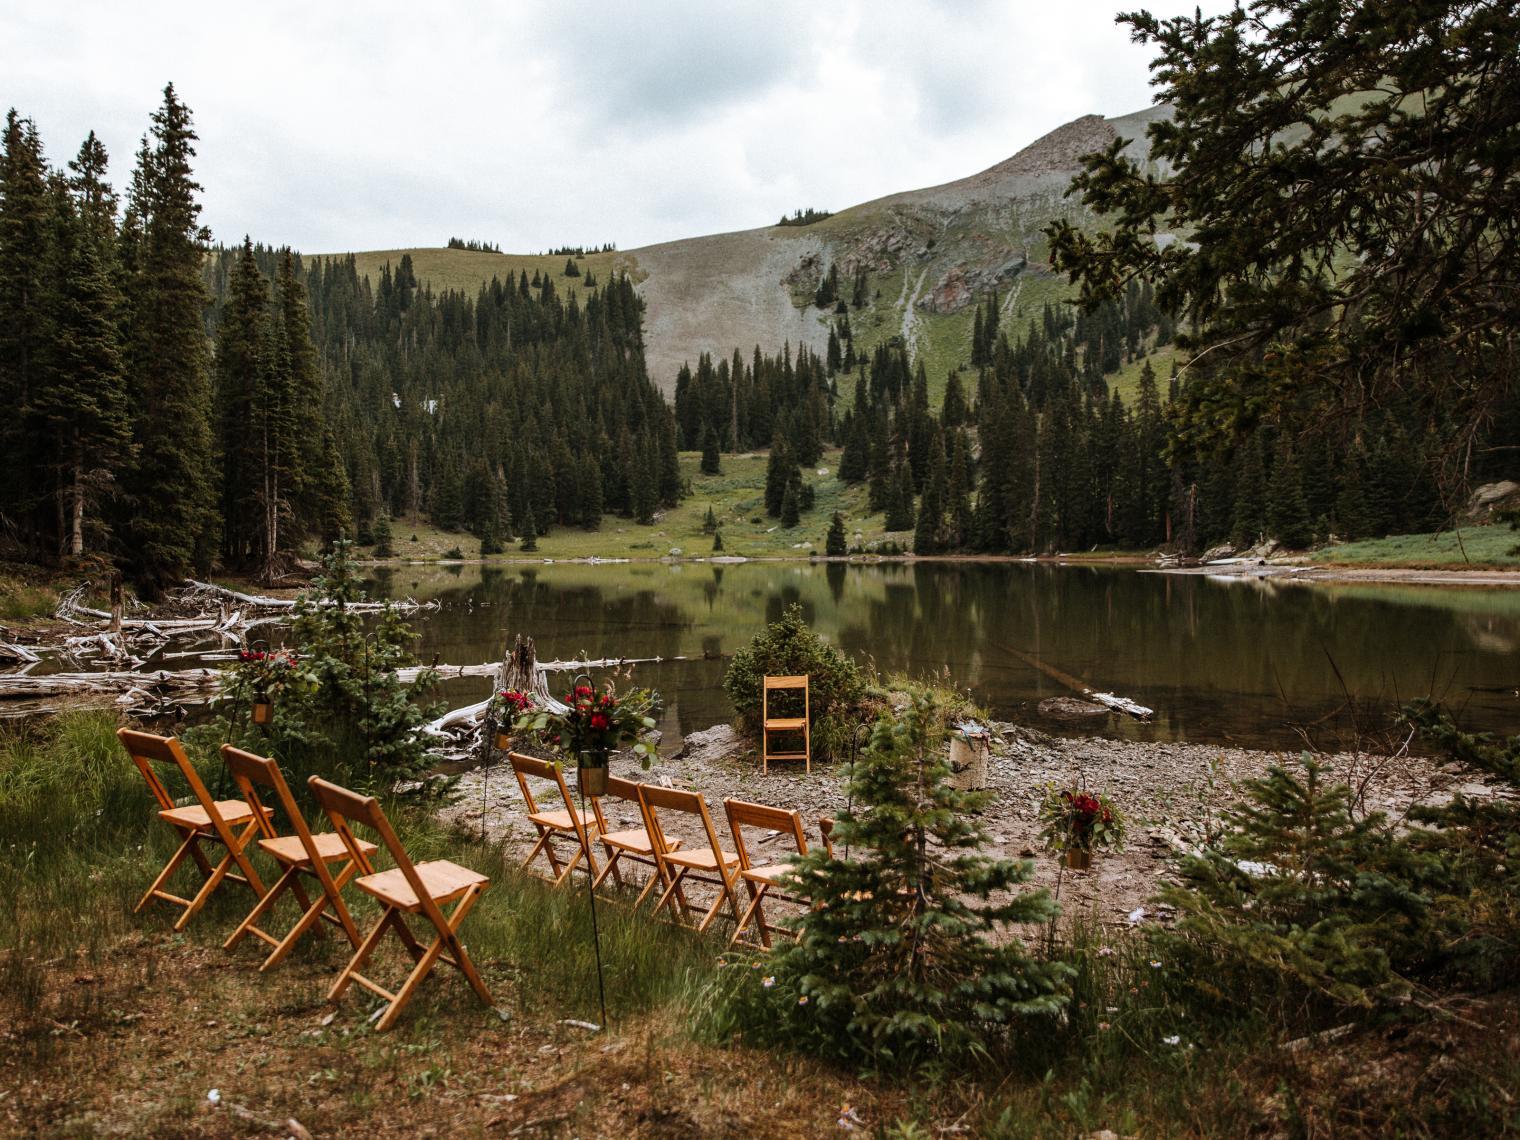 The Most Breathtaking Wedding Venues in Colorado